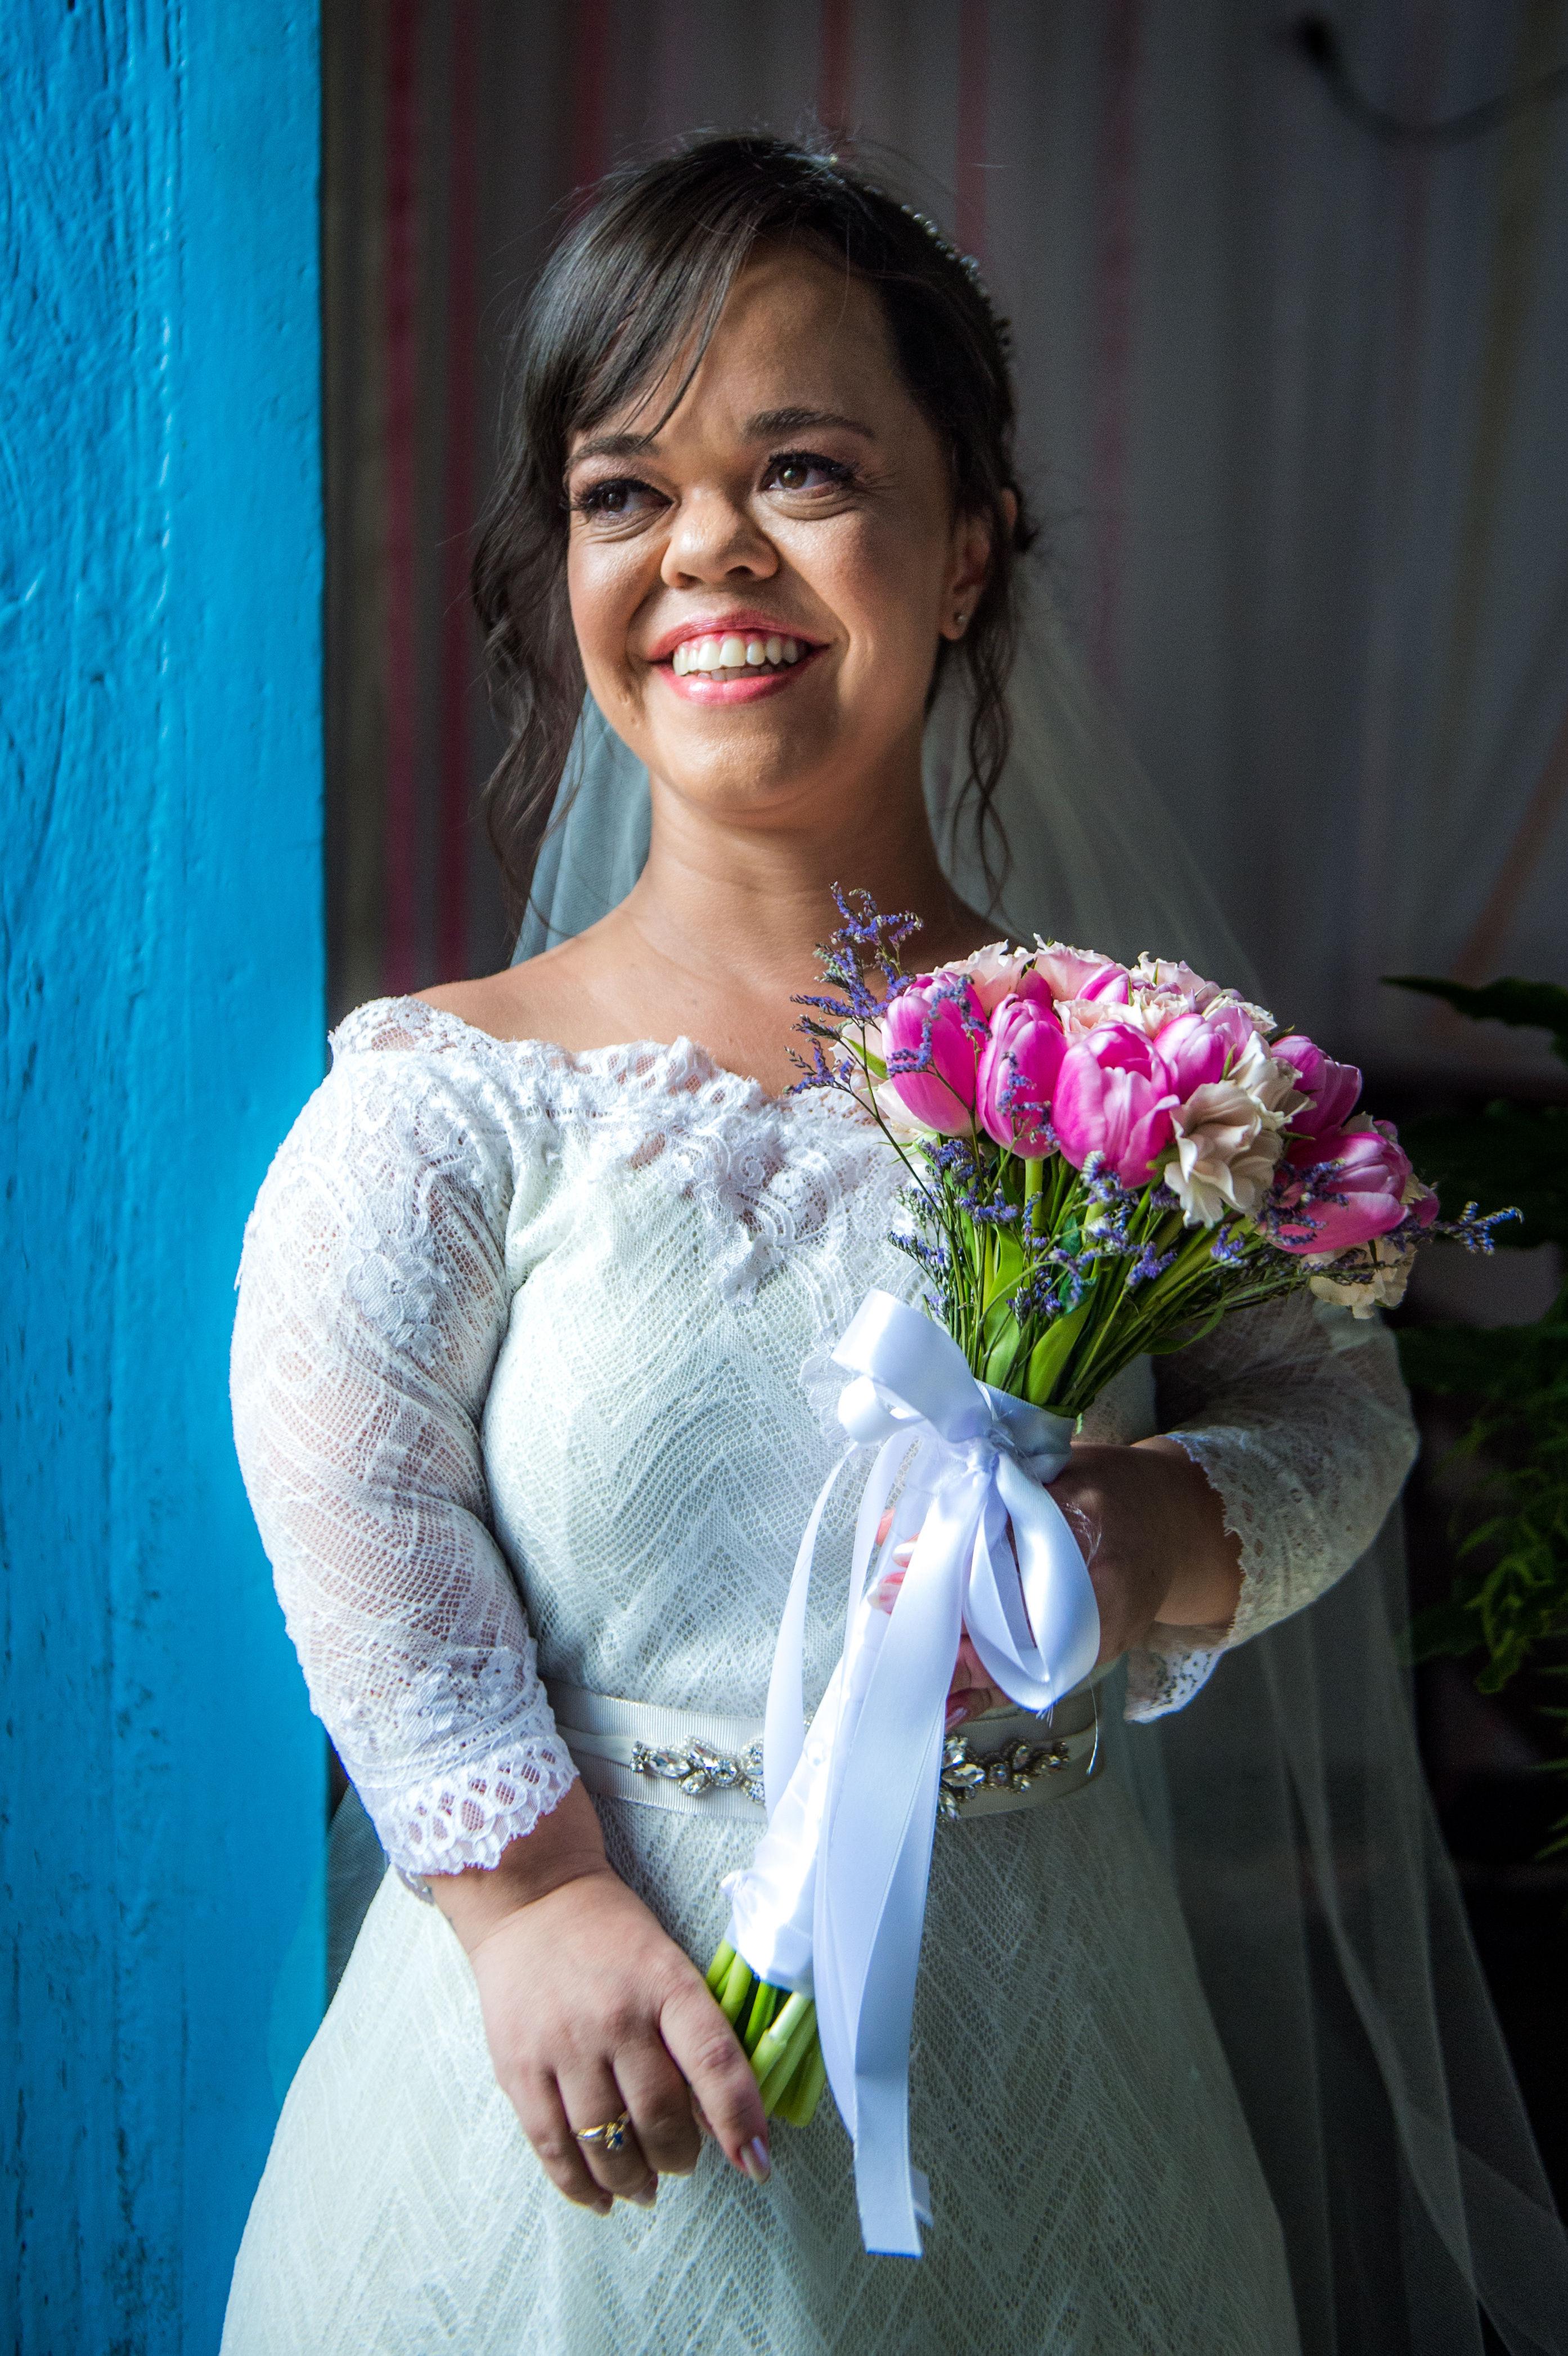 Casamento de Estela (Juliana Caldas) - O Outro Lado do Paraíso